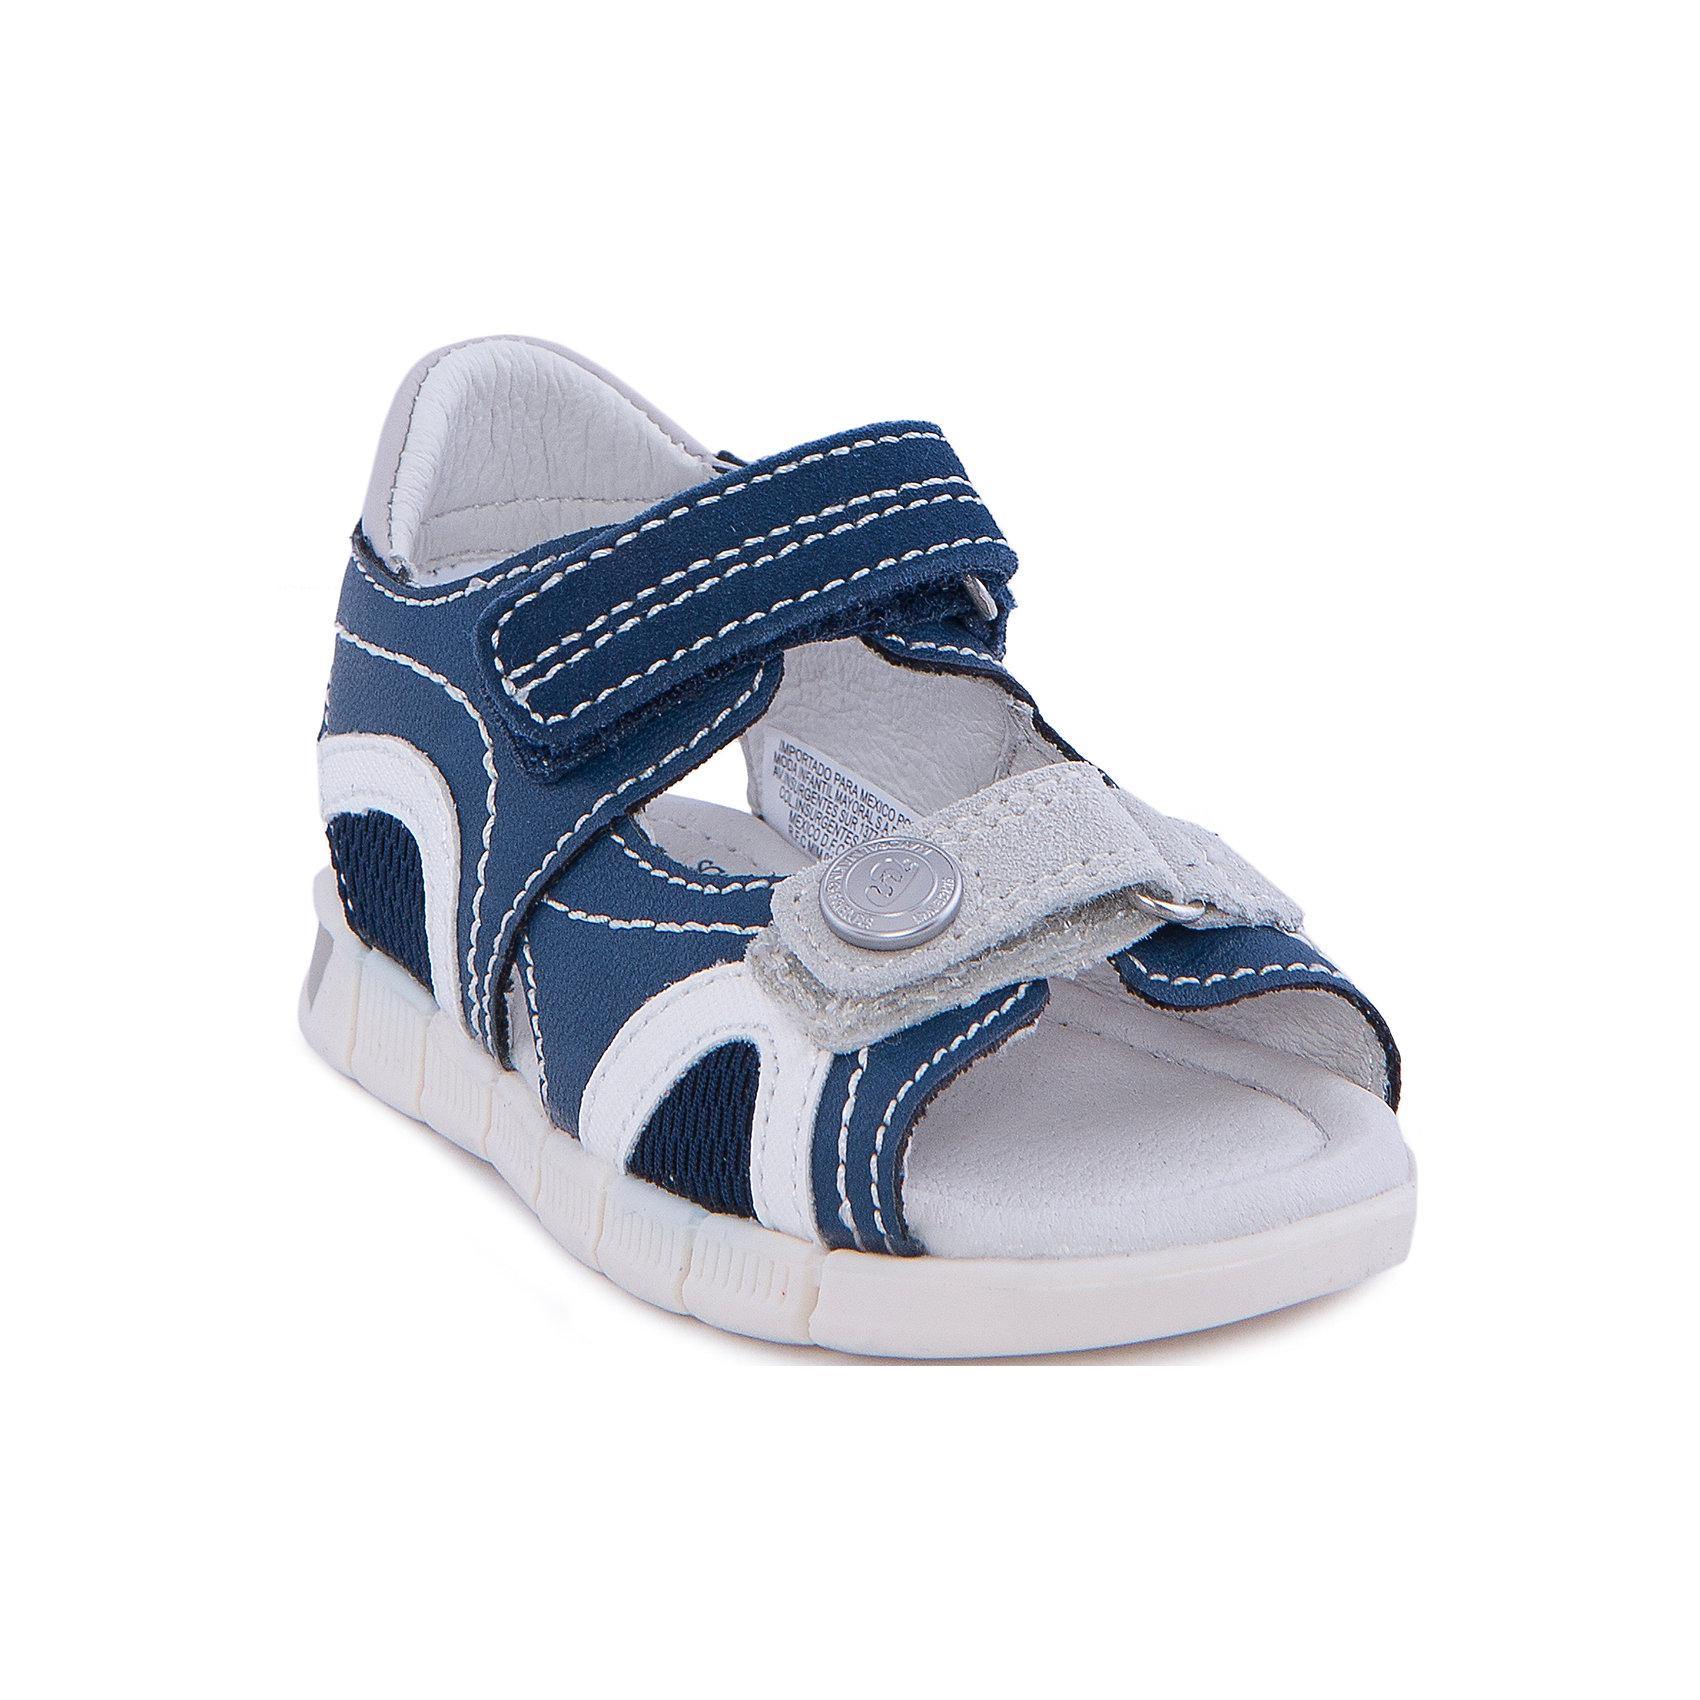 Сандалии MayoralСандалии от известной испанской марки Mayoral - прекрасный вариант для жаркой погоды или же сменной обуви. <br><br>Дополнительная информация:<br><br>- Рифленая антискользящая подошва. <br>- Застегиваются на липучки. <br>- Декоративная отстрочка.<br>- Текстильный вставки для вентиляции. <br>- Декорированы металлической кнопкой. <br>- Состав: материал верха - 58% полиуретан, 24% полиэстер, 18% кожа; подкладка, стелька - 100% кожа; подошва - 100% синтетический материал.<br><br>Сандалии Mayoral (Майорал) можно купить в нашем магазине.<br><br>Ширина мм: 219<br>Глубина мм: 154<br>Высота мм: 121<br>Вес г: 343<br>Цвет: синий<br>Возраст от месяцев: 12<br>Возраст до месяцев: 15<br>Пол: Унисекс<br>Возраст: Детский<br>Размер: 21,26,27,24,22,20,23,25<br>SKU: 4539630